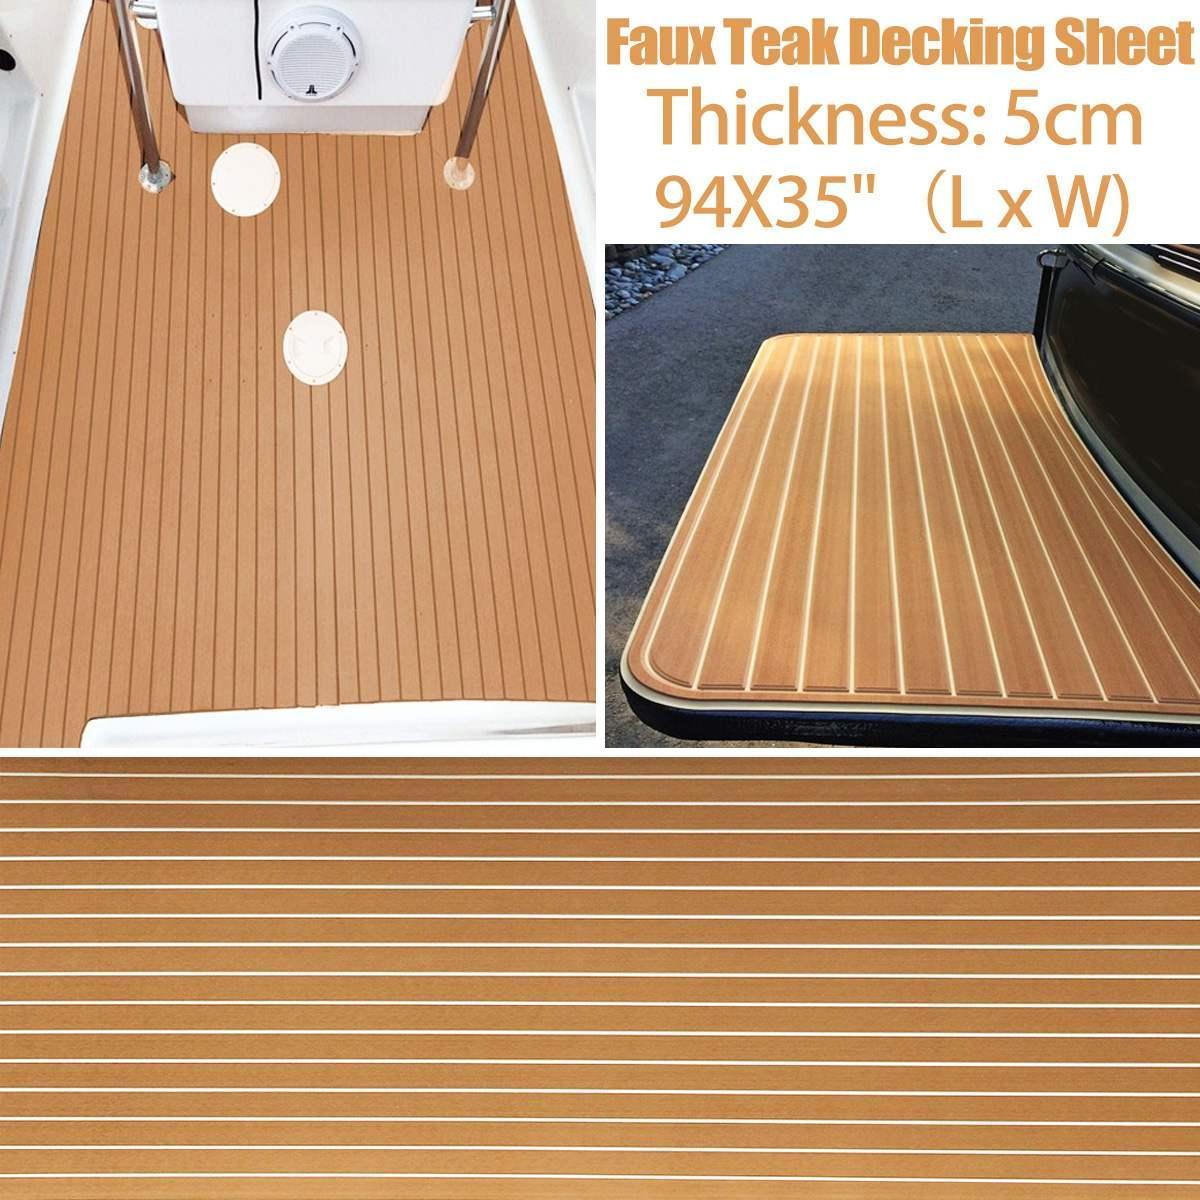 Självklistrande båtmatta med teaklook ljusgrå/svart